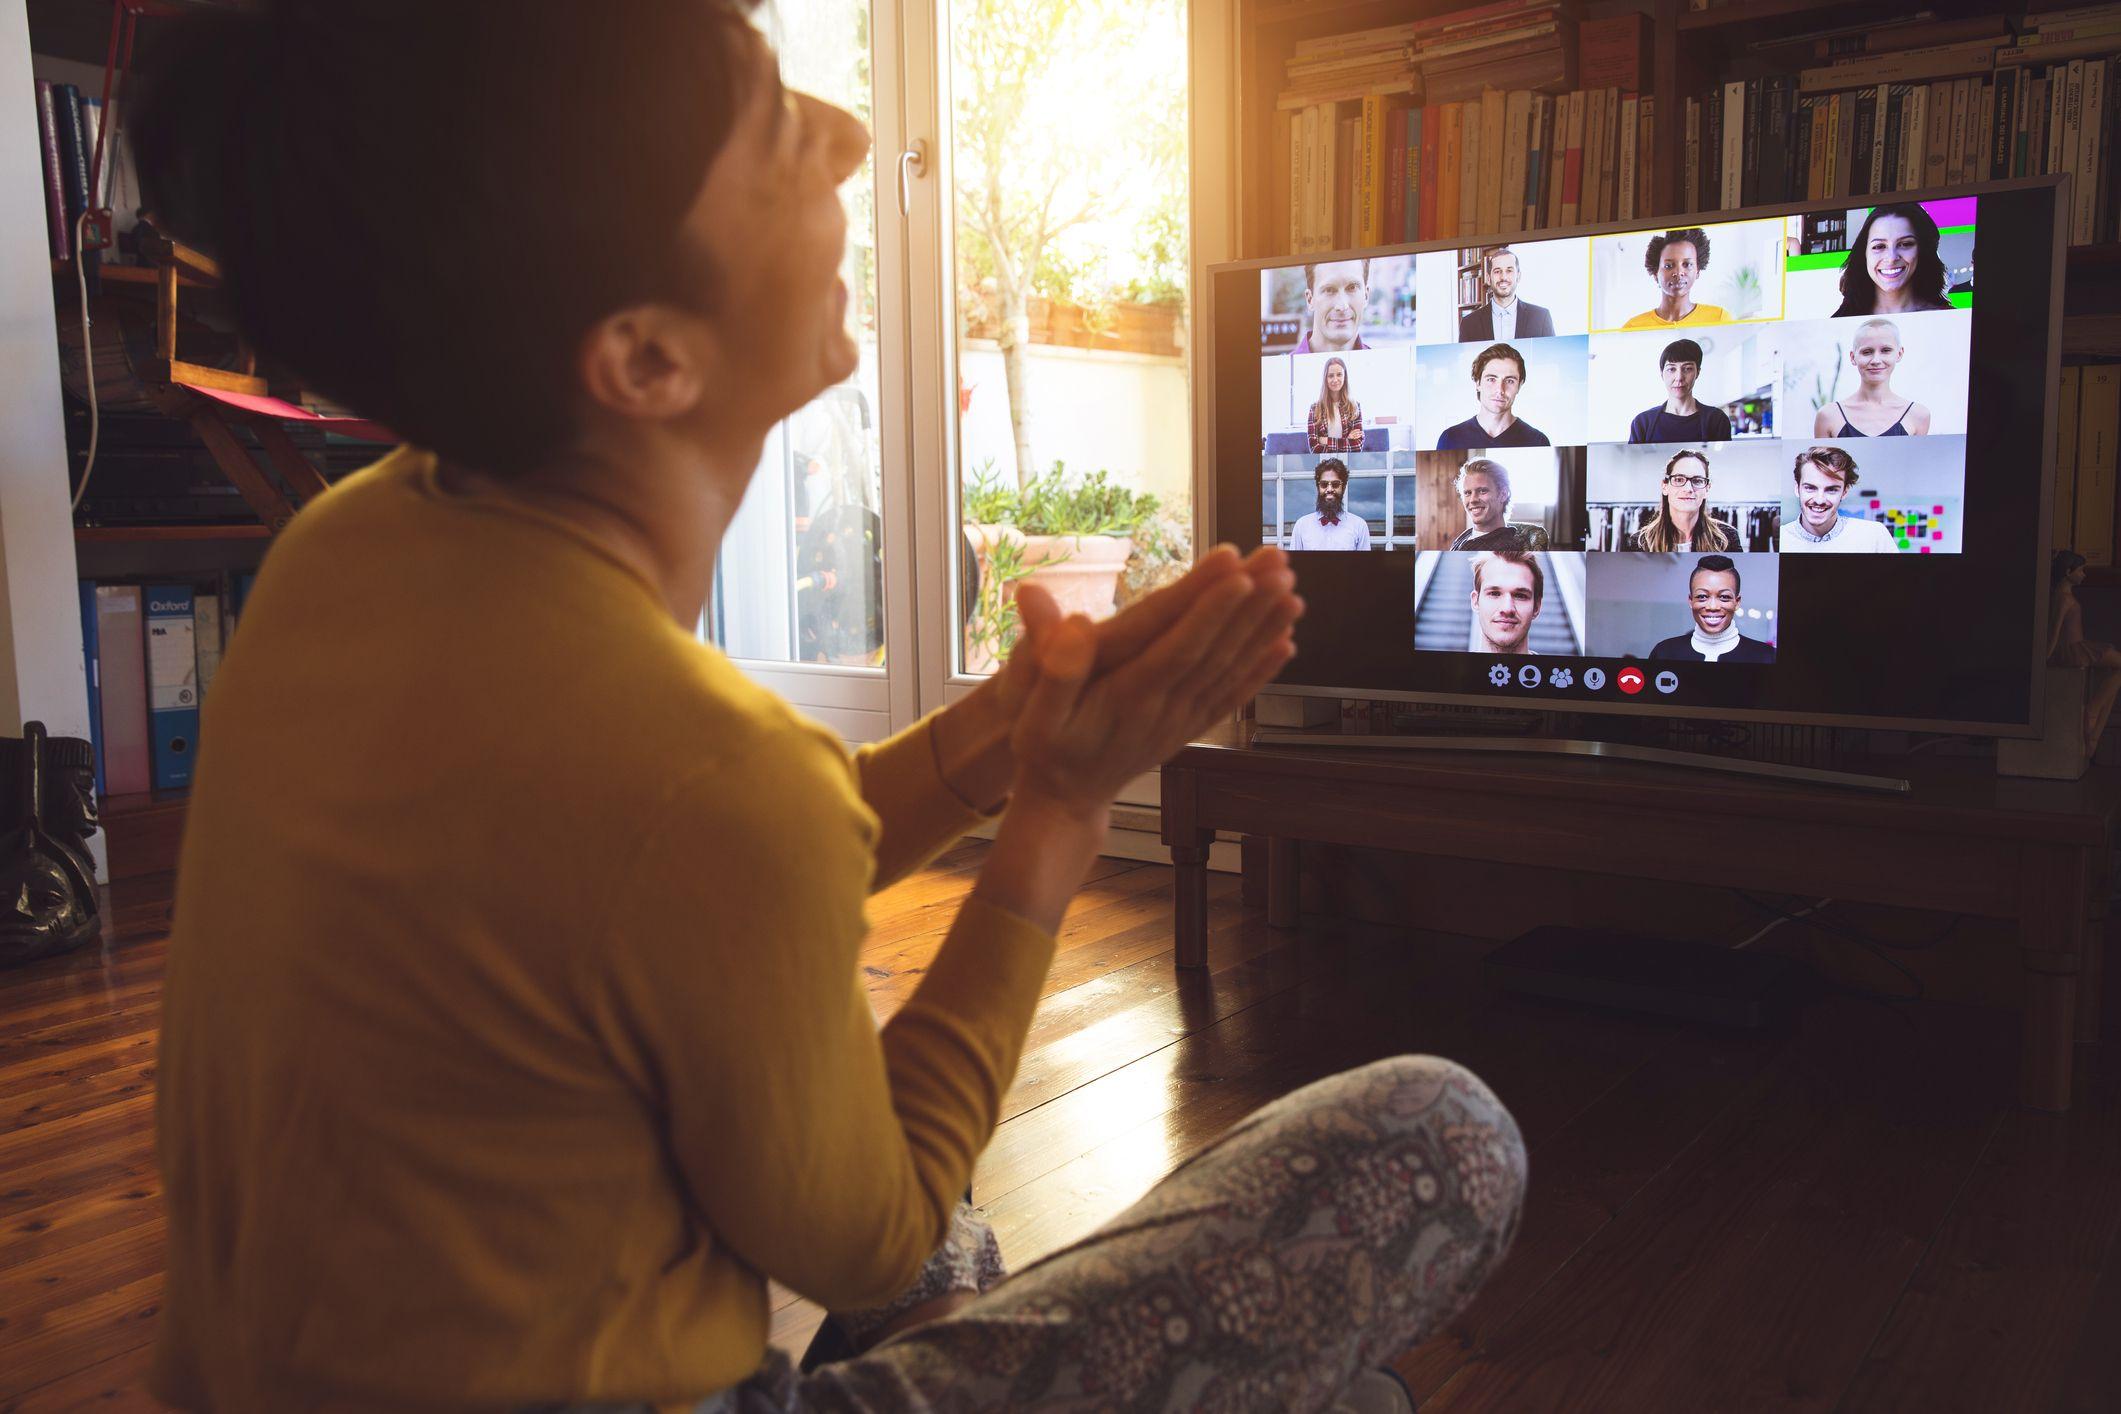 γυναίκα μπροστά από μια οθόνη συσκευής ομαδική εργασία σε τηλεδιάσκεψη